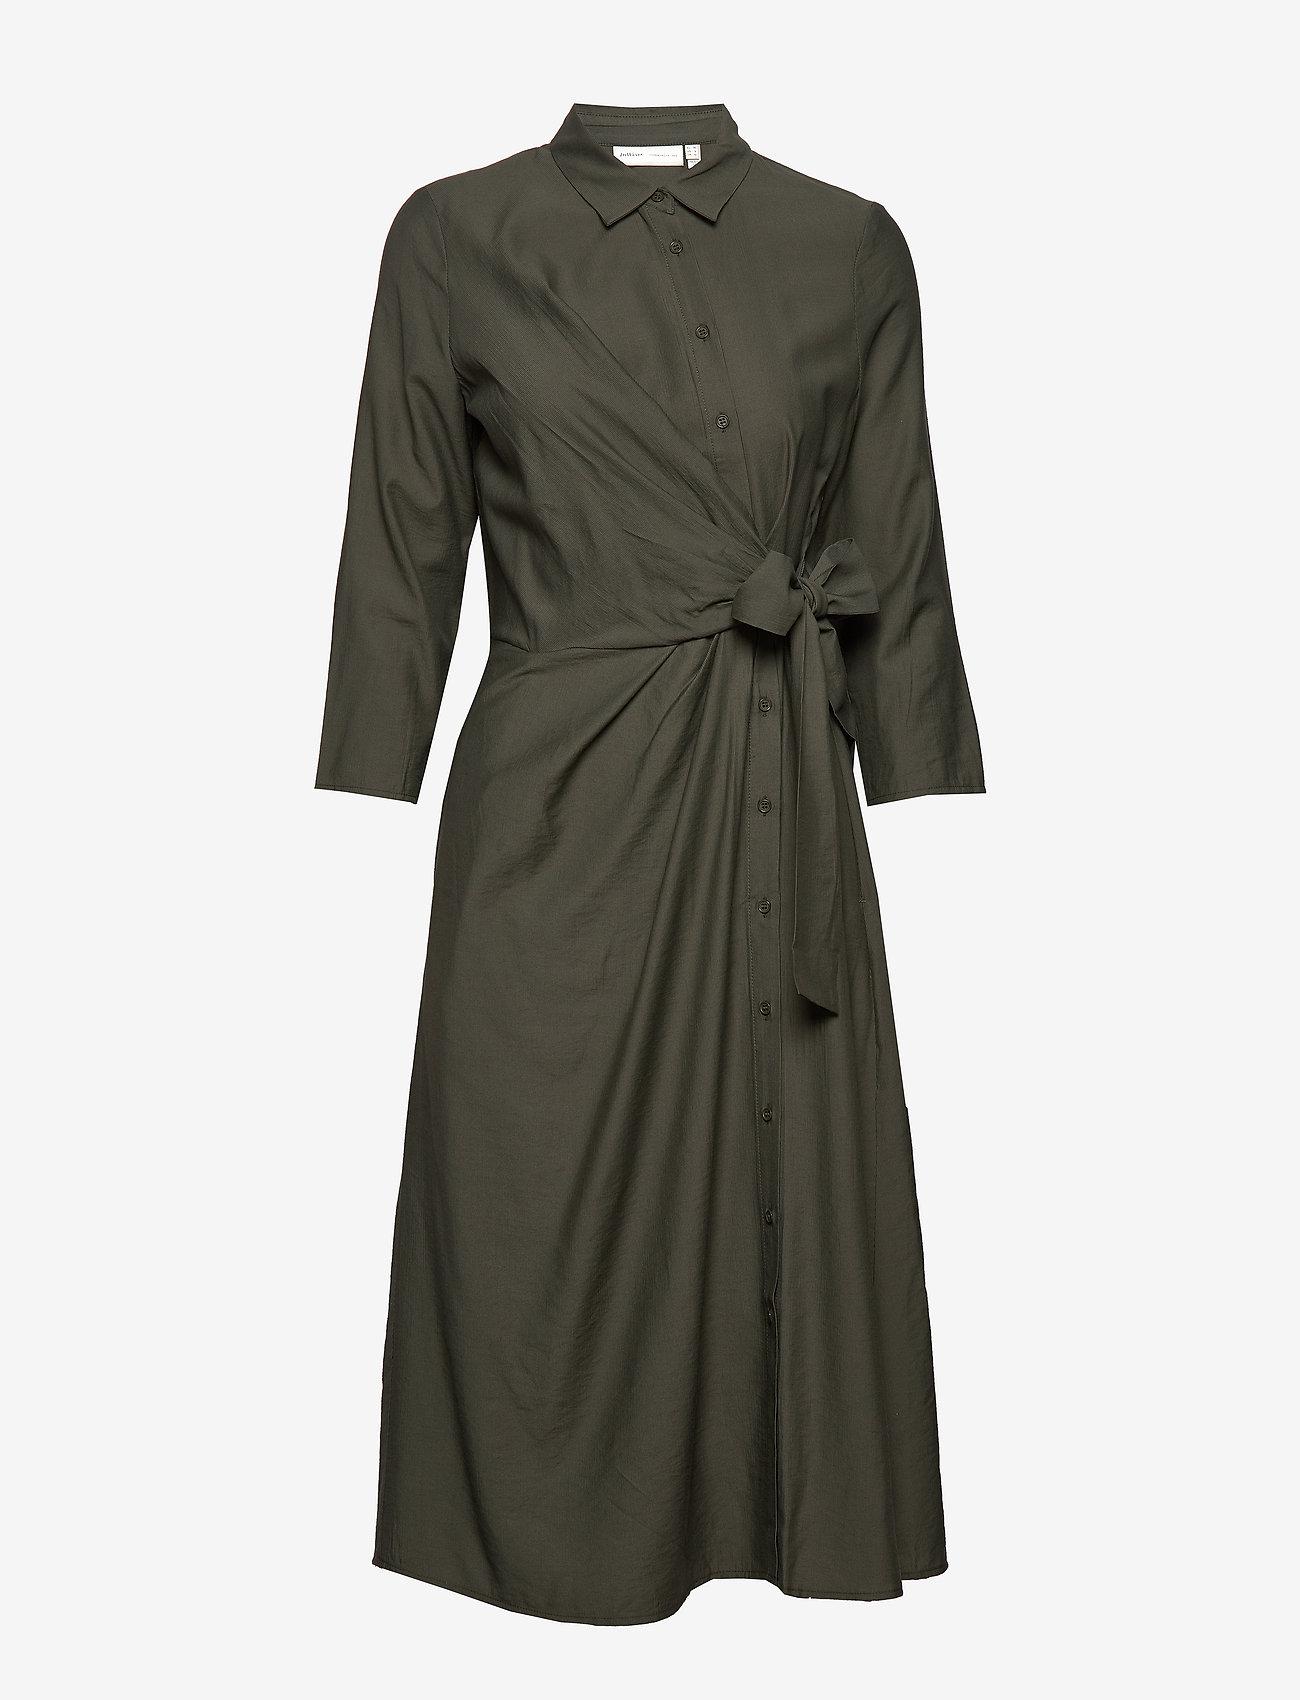 Roxiiw Dress (Beetle Green) - InWear jgOmIR